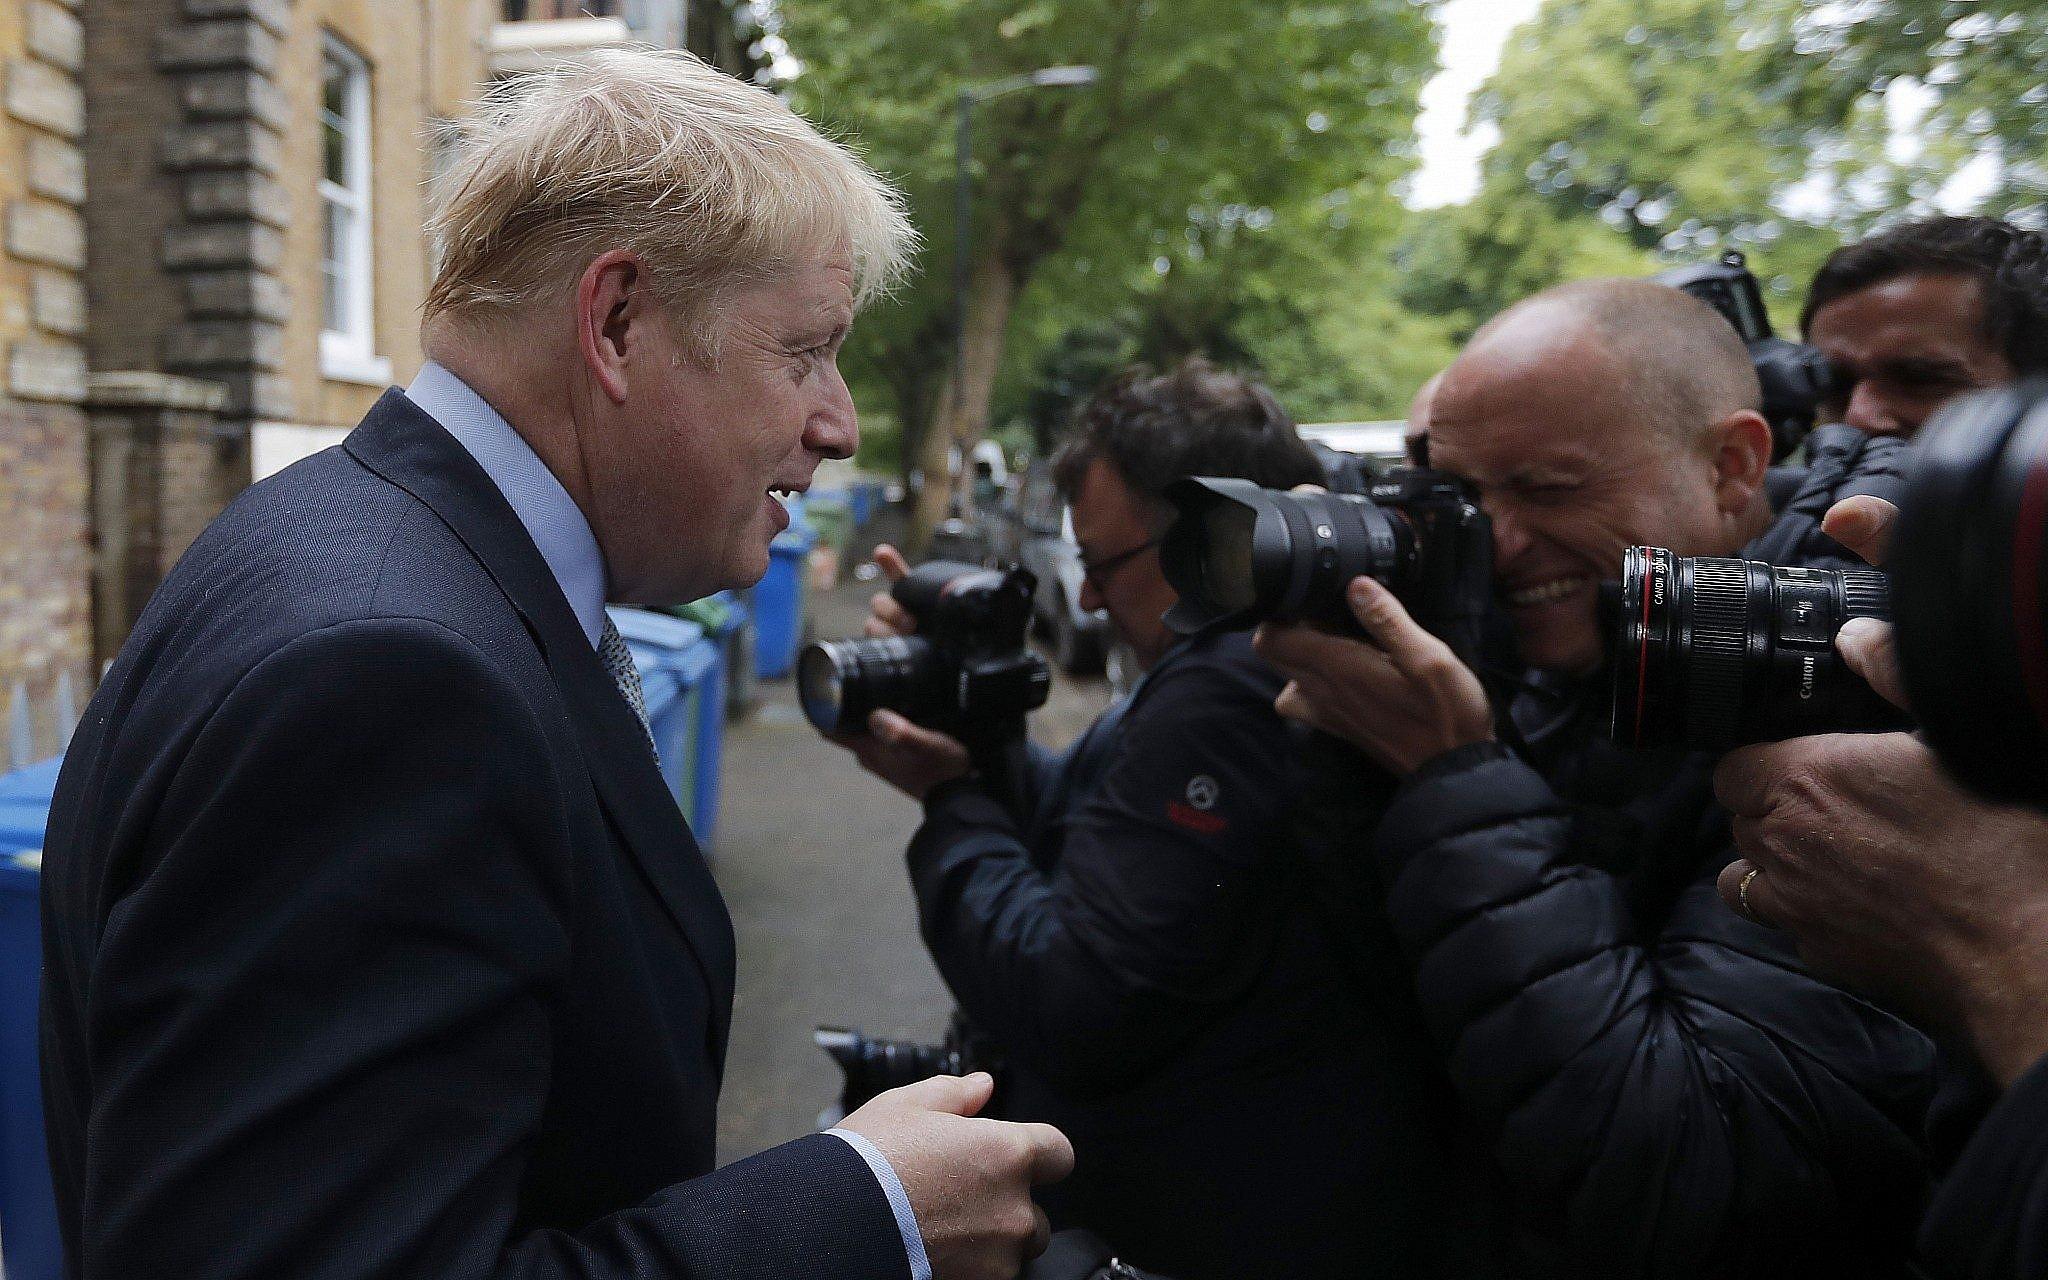 UK: Overwhelming support for Boris Johnson - Deutsche Bank